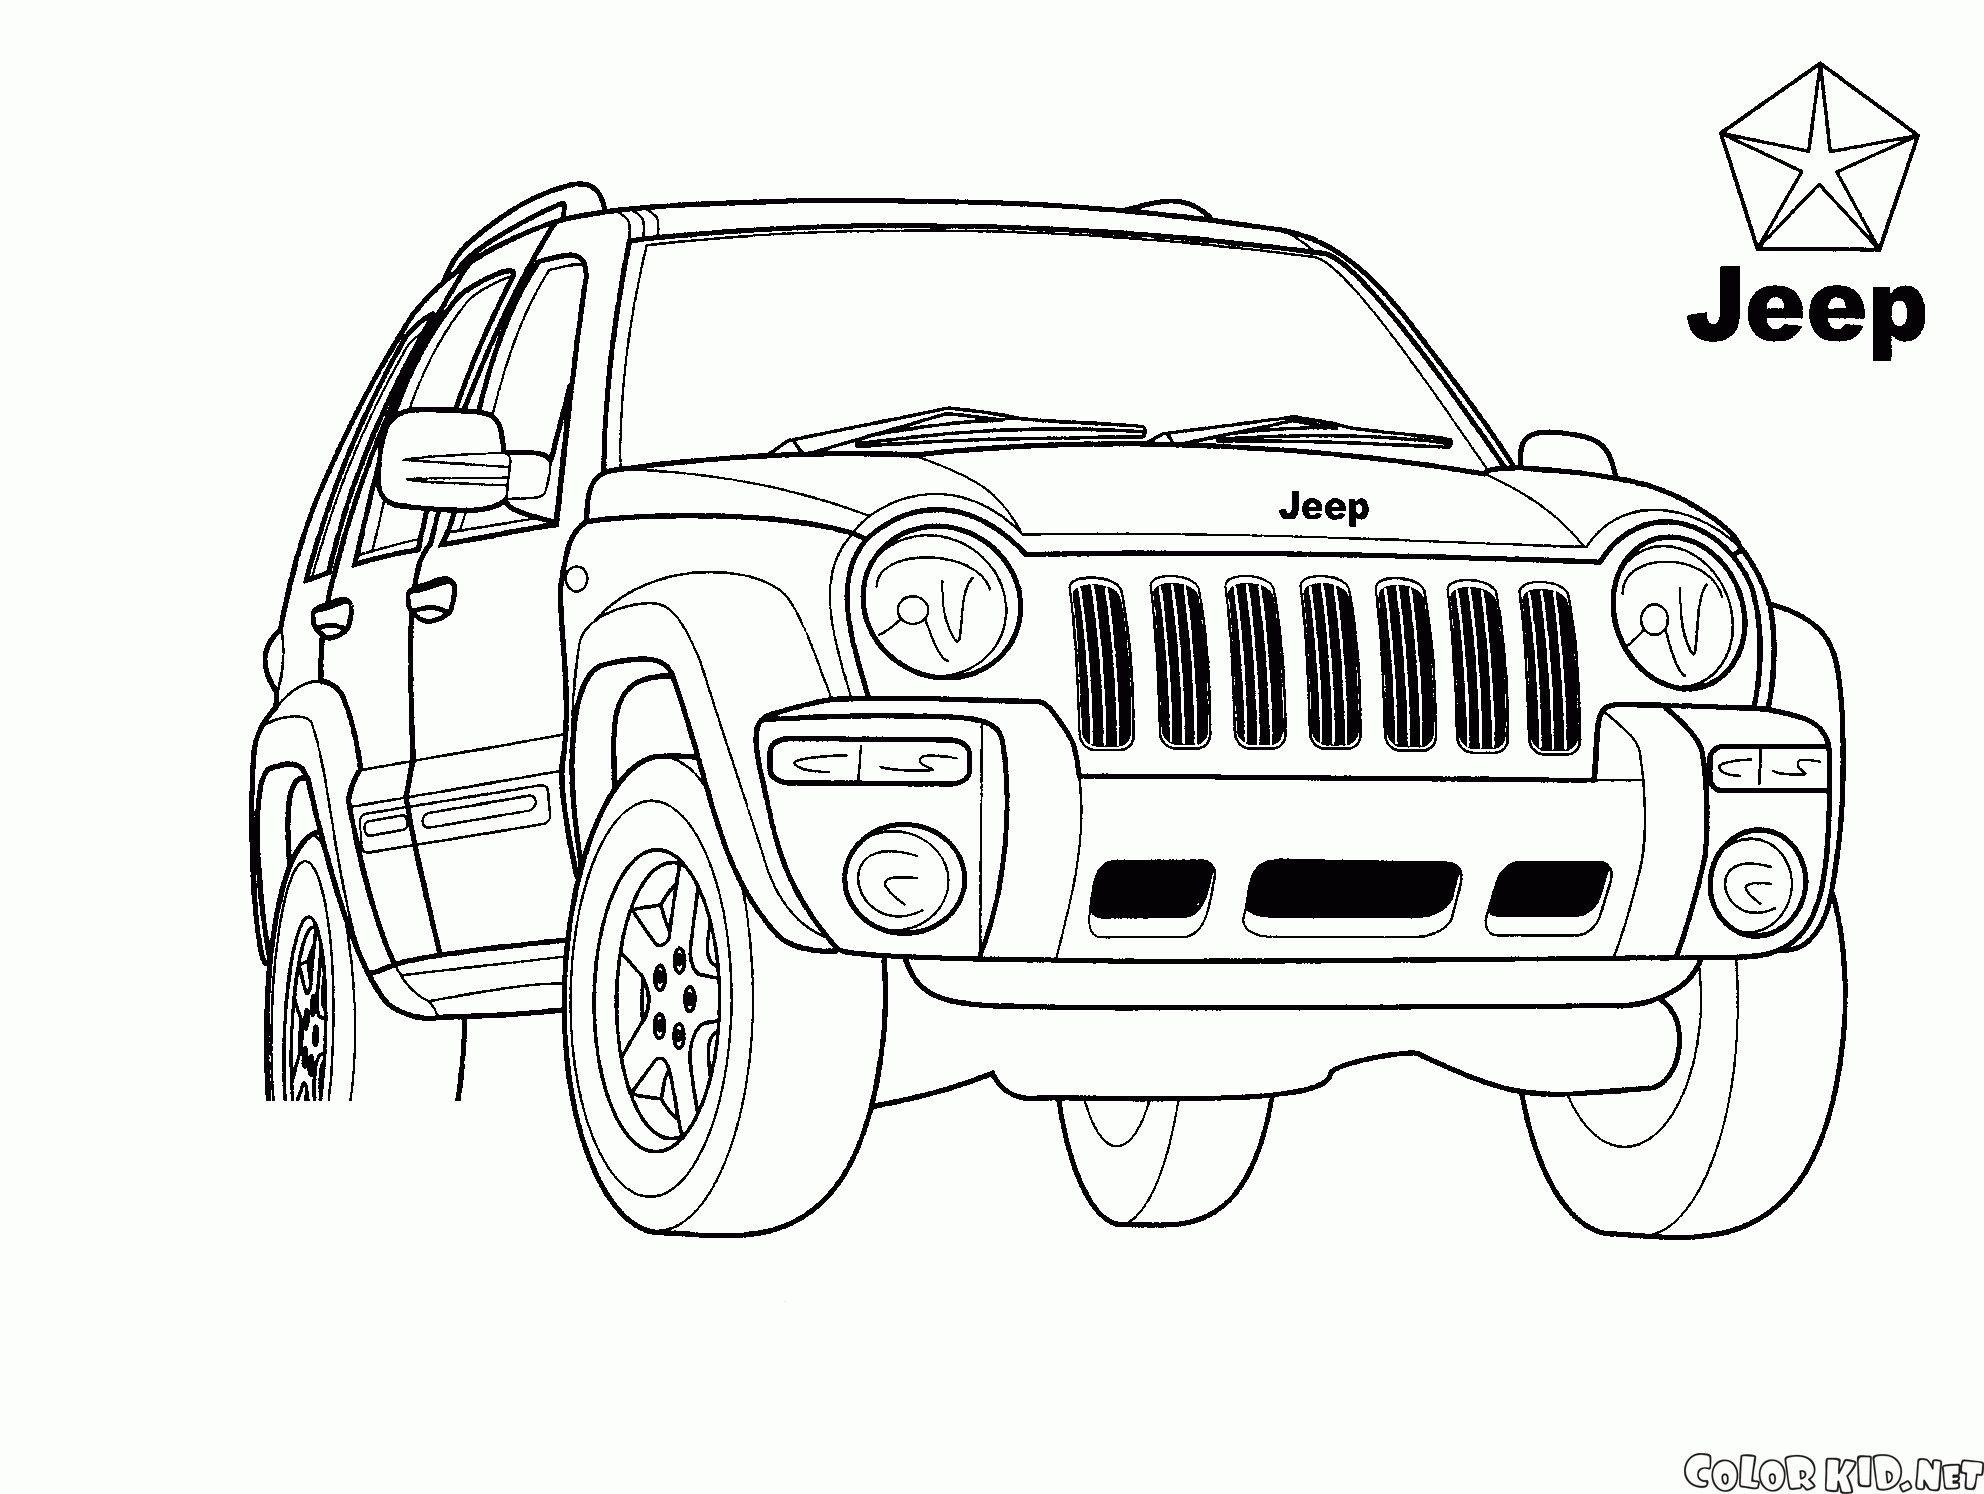 Disegni Da Colorare Macchine Unico Disegni Da Colorare Jeep Of Disegni Da Colorare Macchine Nel 2020 Jeep Disegni Da Colorare Disegni